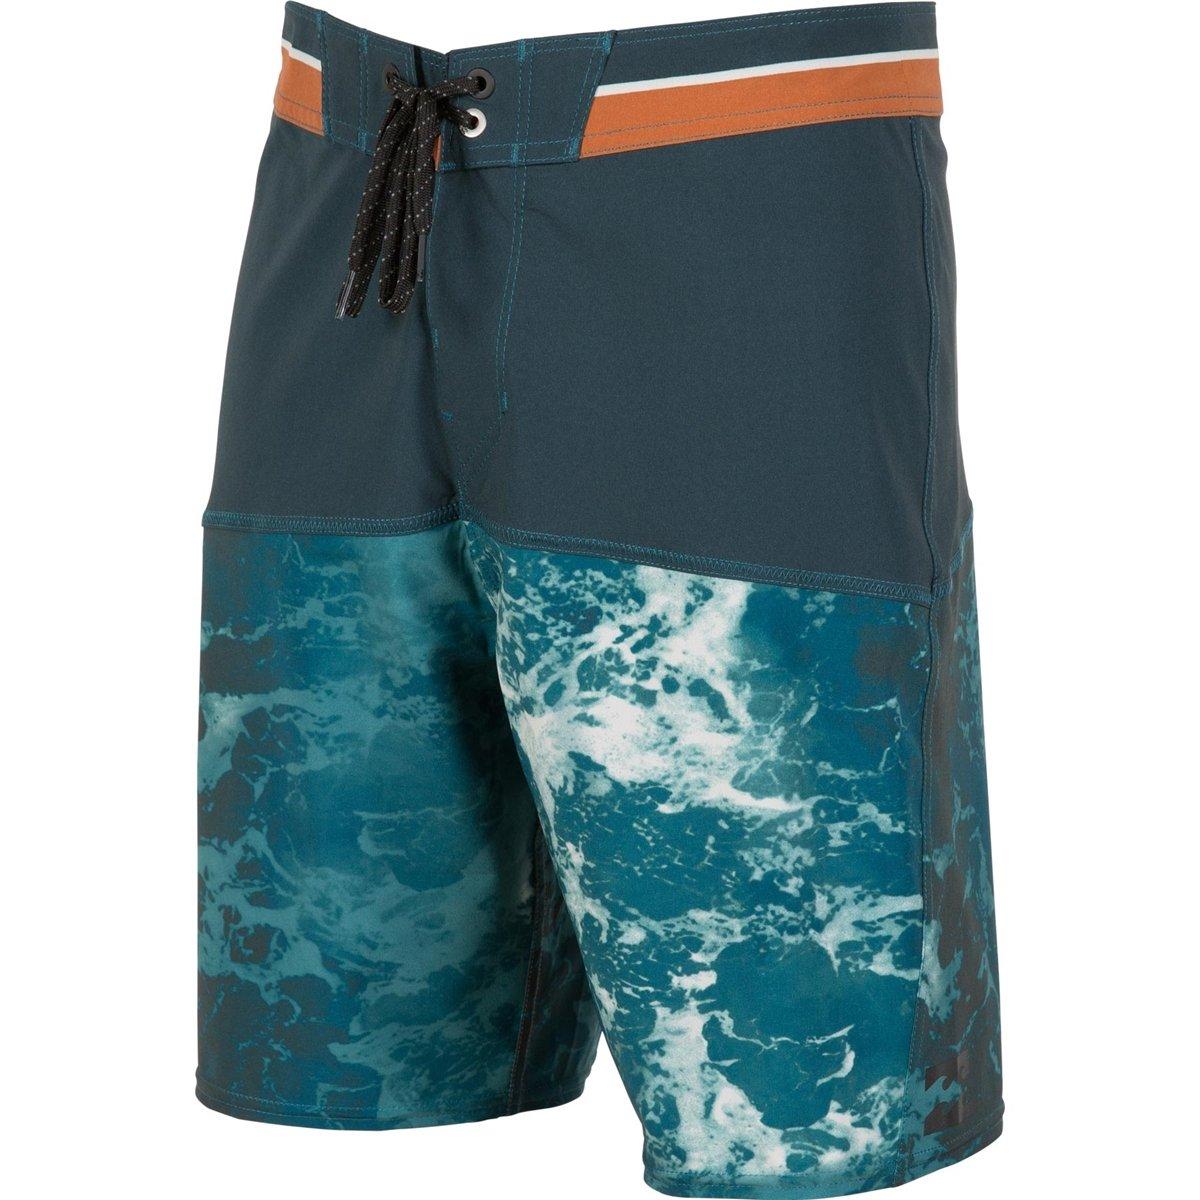 Billabong Men's Shifty X Wash Boardshorts, Deep Sea, 33